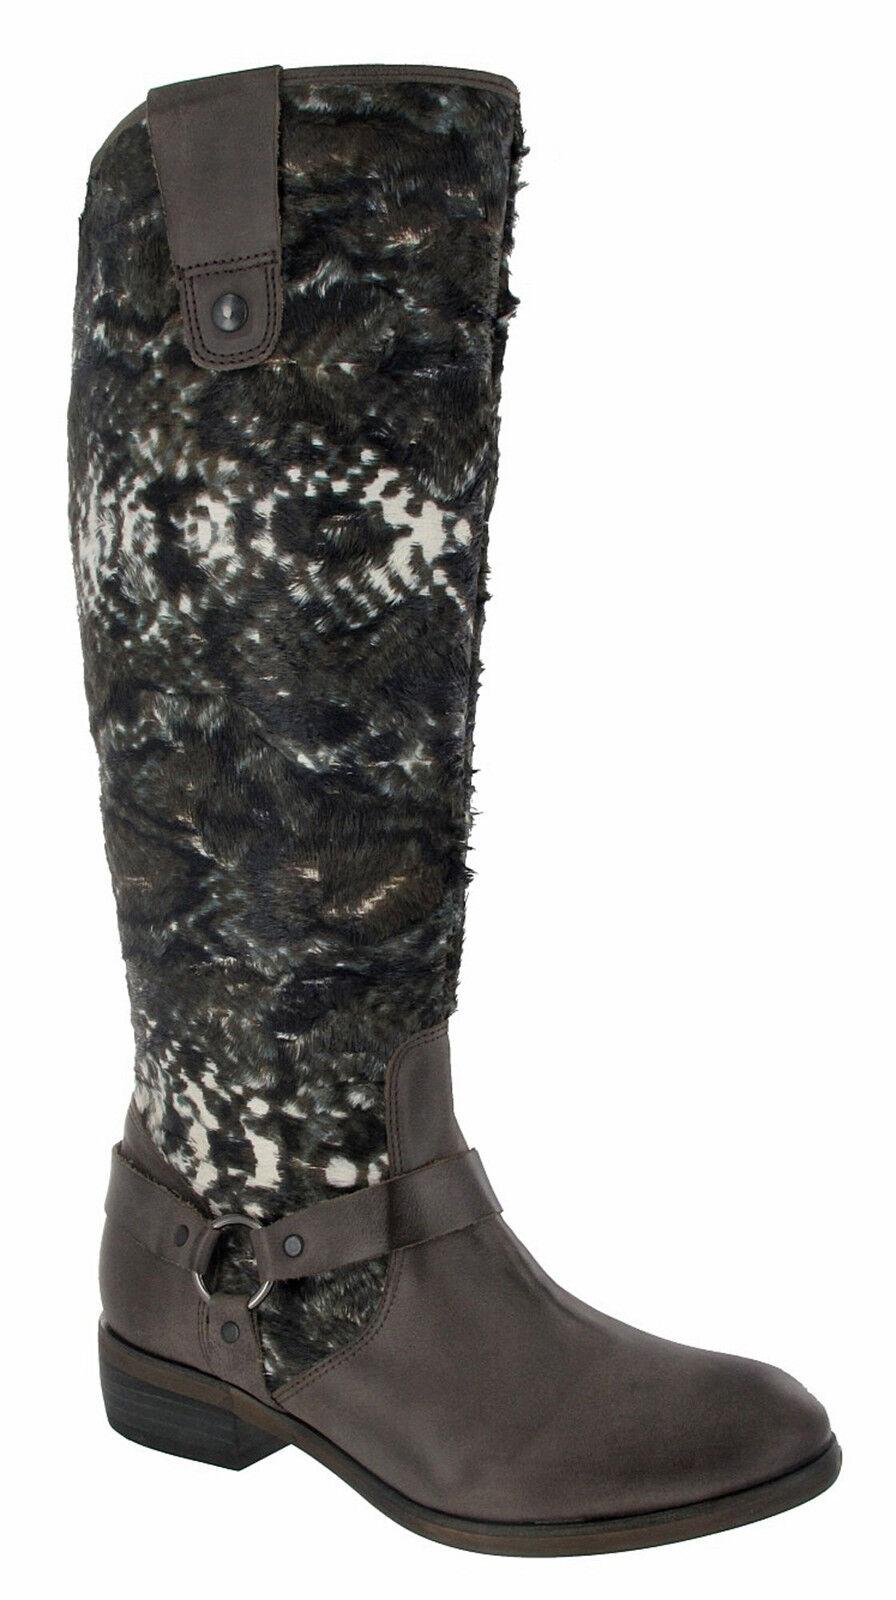 Zapatos especiales con descuento LAZAMANI Damenstiefel  Bird 57.135 - grau-multi